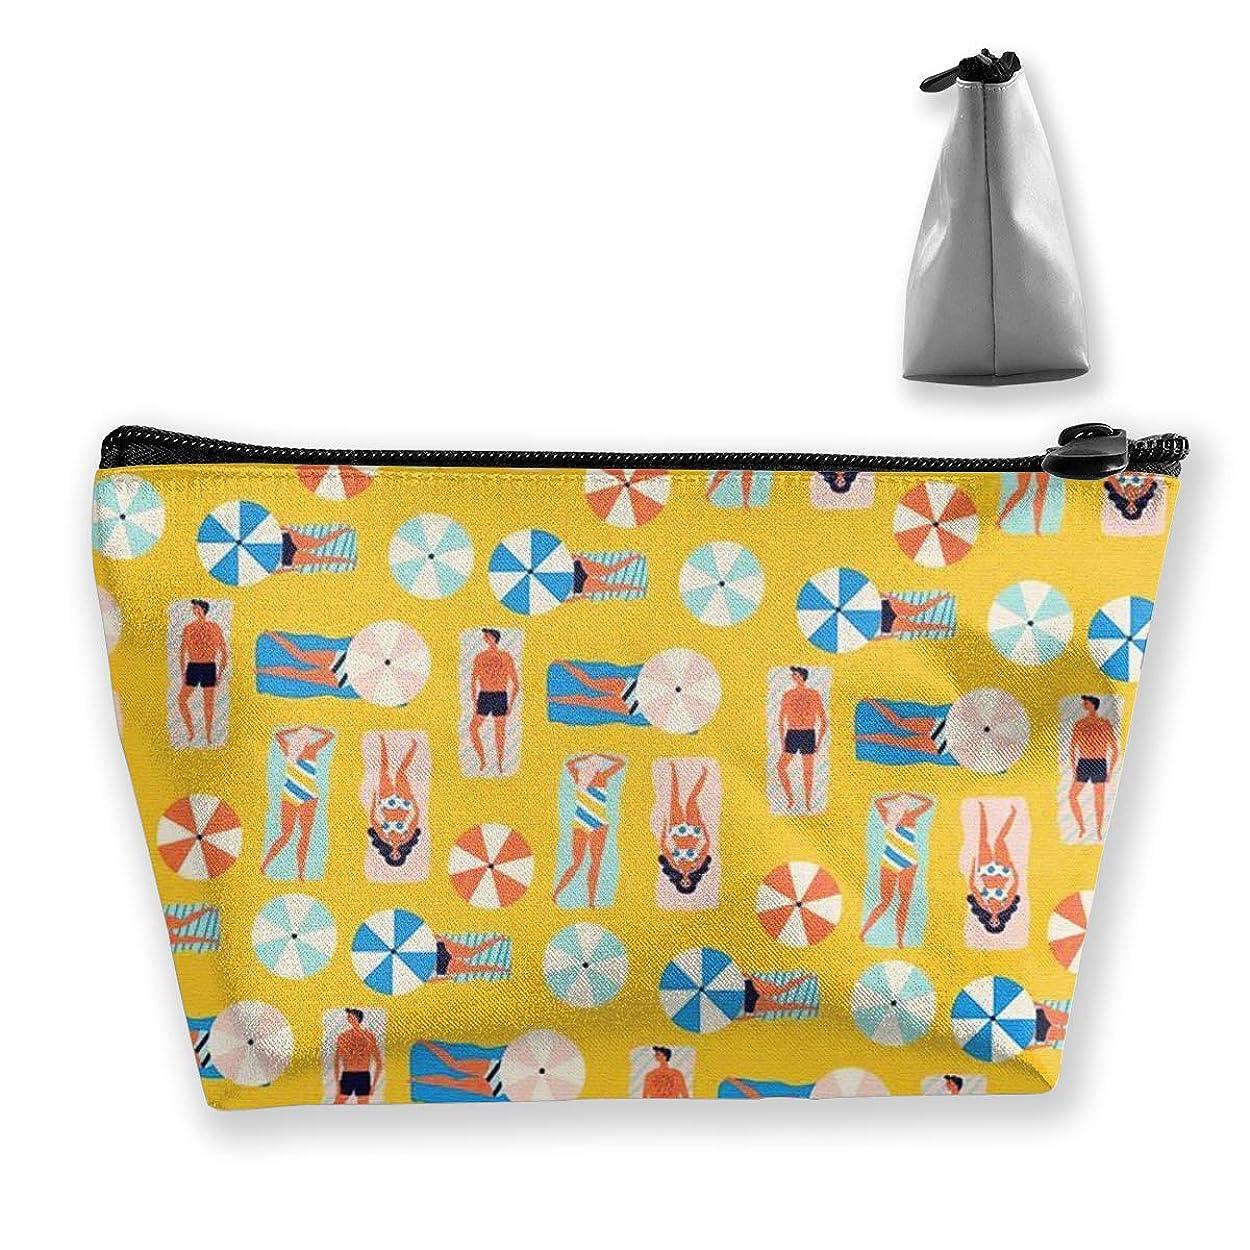 ボックス梨ワゴン夏の海岸 収納ポーチ 化粧ポーチ トラベルポーチ 小物入れ 小財布 防水 大容量 旅行 おしゃれ